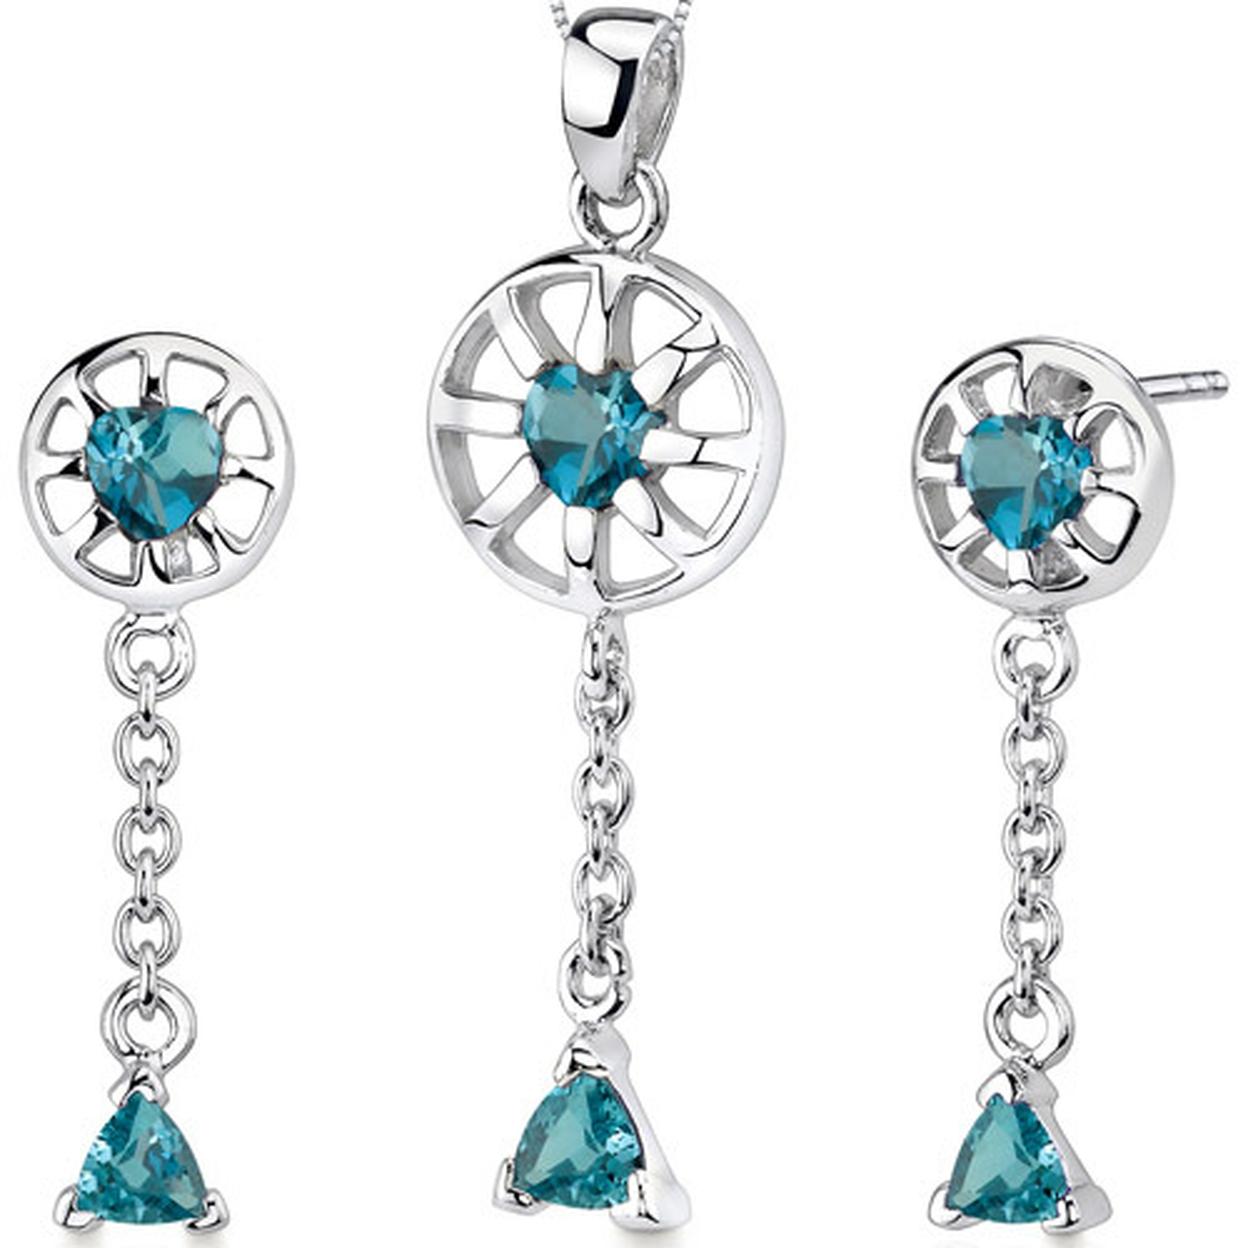 Dainty 2.00 Carats Trillion Heart Shape Sterling Silver London Blue Topaz Pendant Earrings Set Style Ss3286